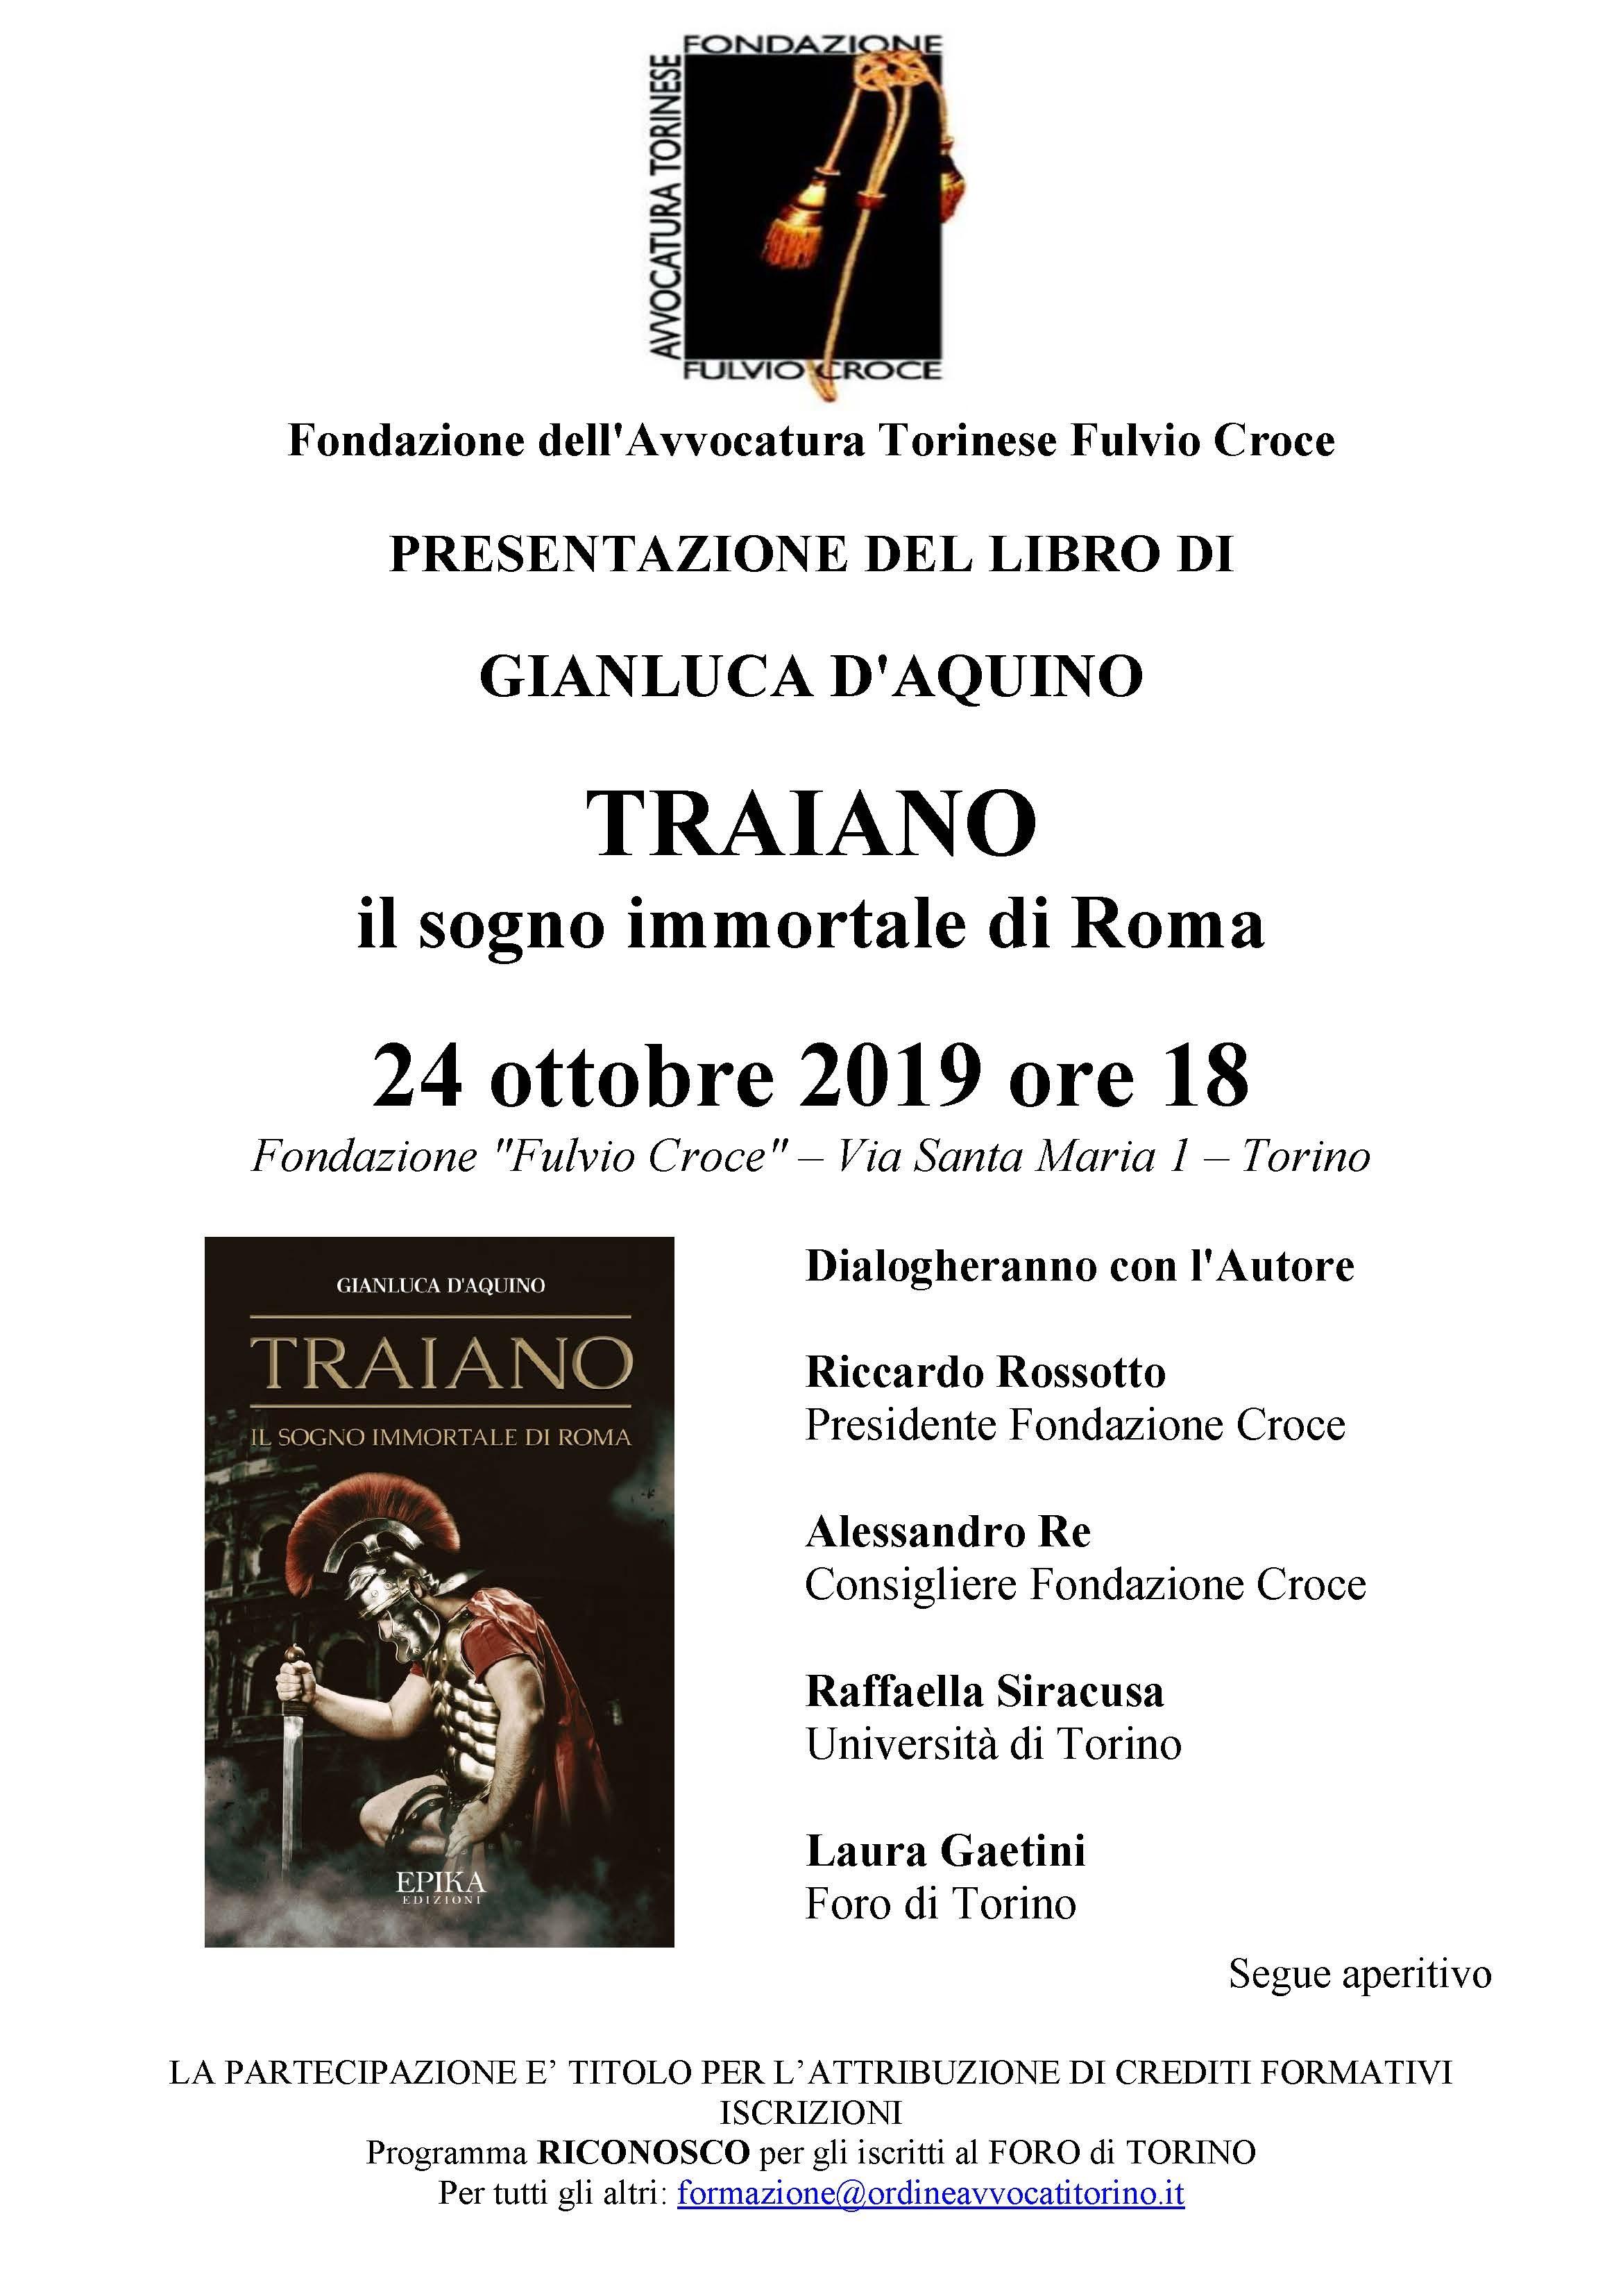 2 Traiano Locandina.jpg